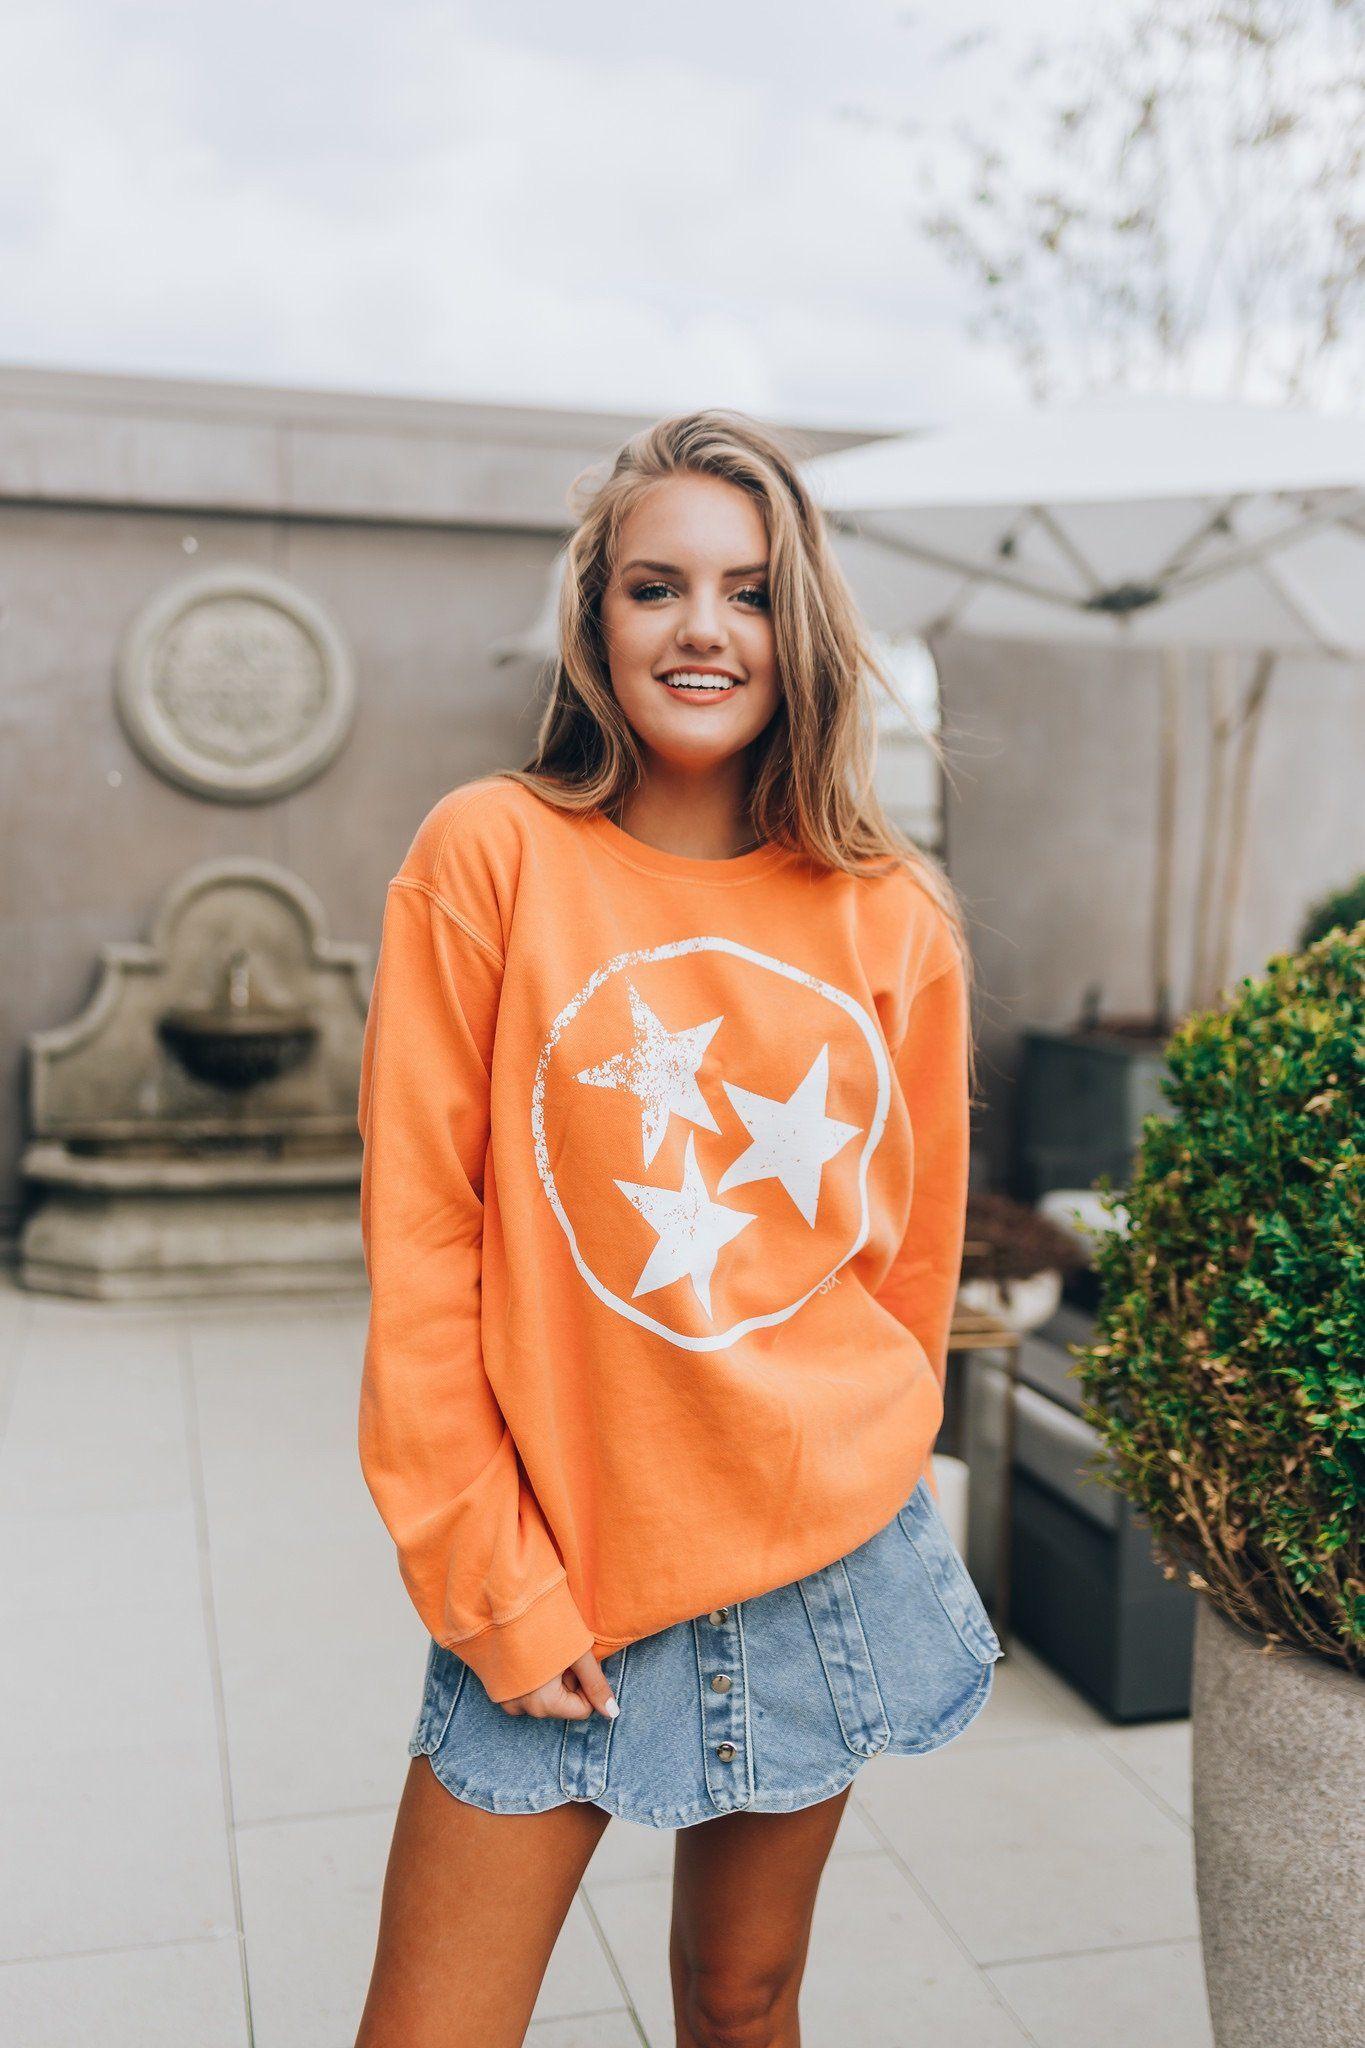 Tristar Orange Sweatshirt Orange Sweatshirts Sweatshirts Comfort Colors [ 2048 x 1365 Pixel ]